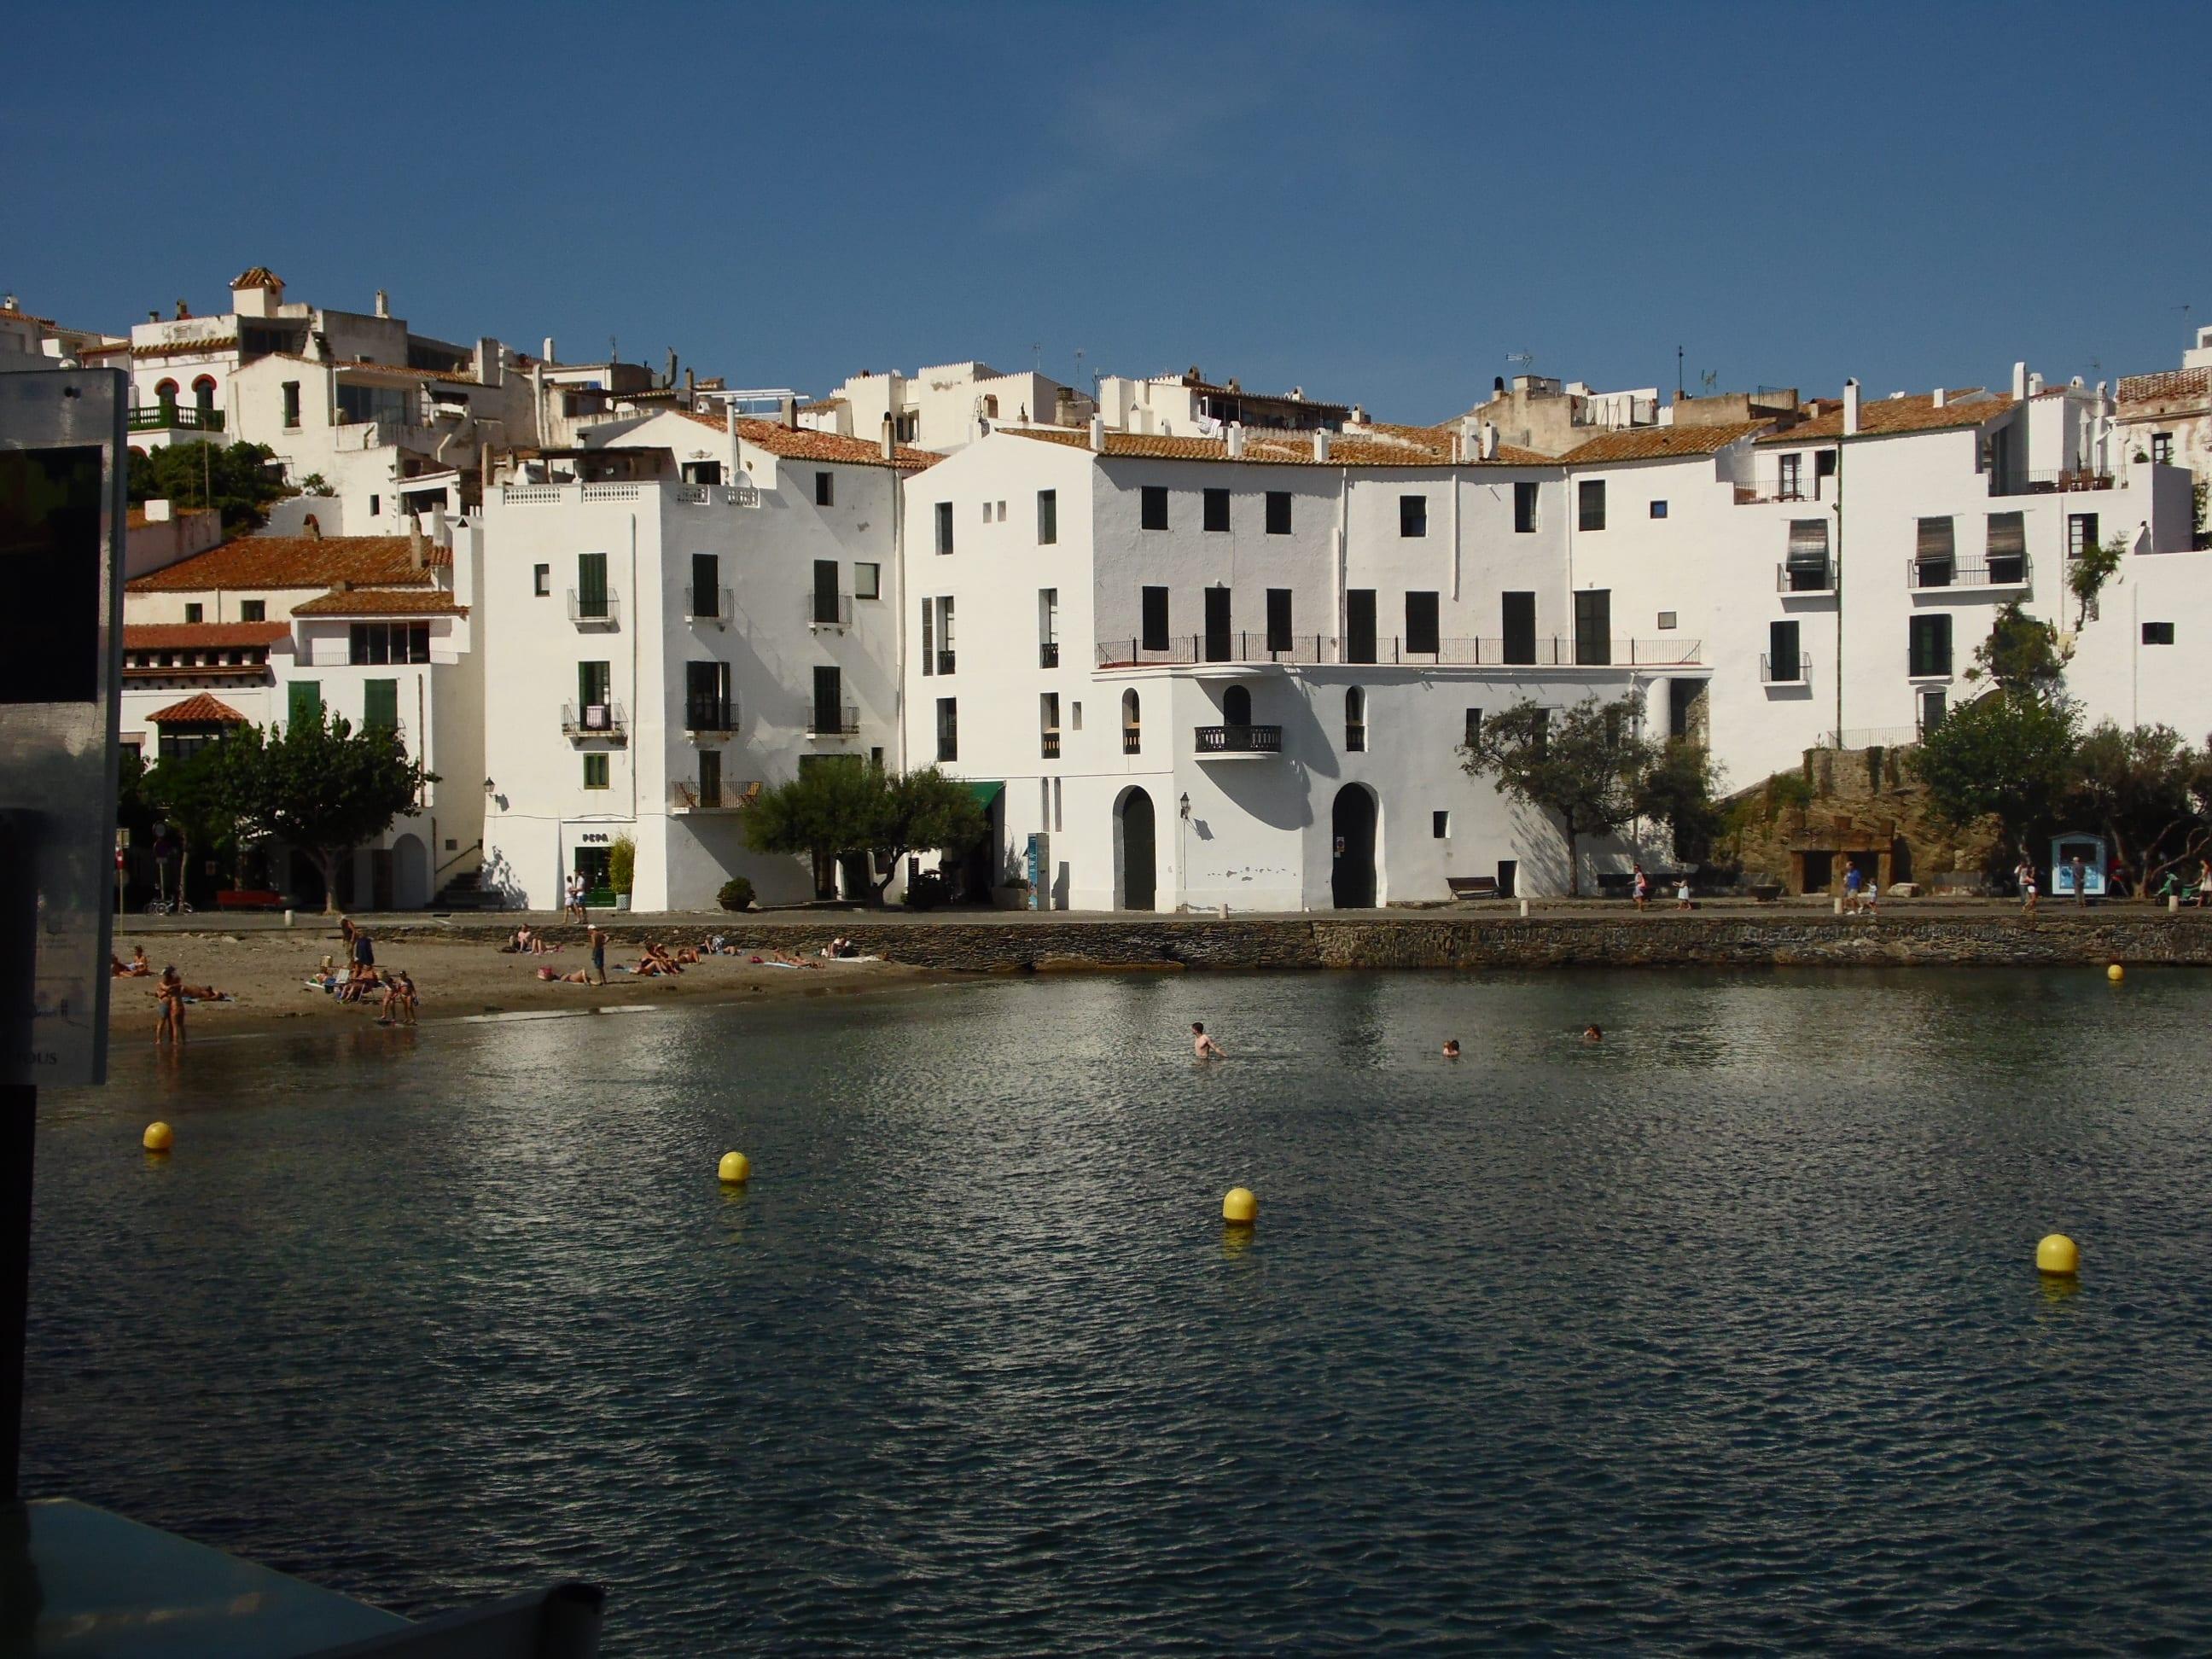 Die hellen Häuserfassaden sind charakteristisch für den Ort.